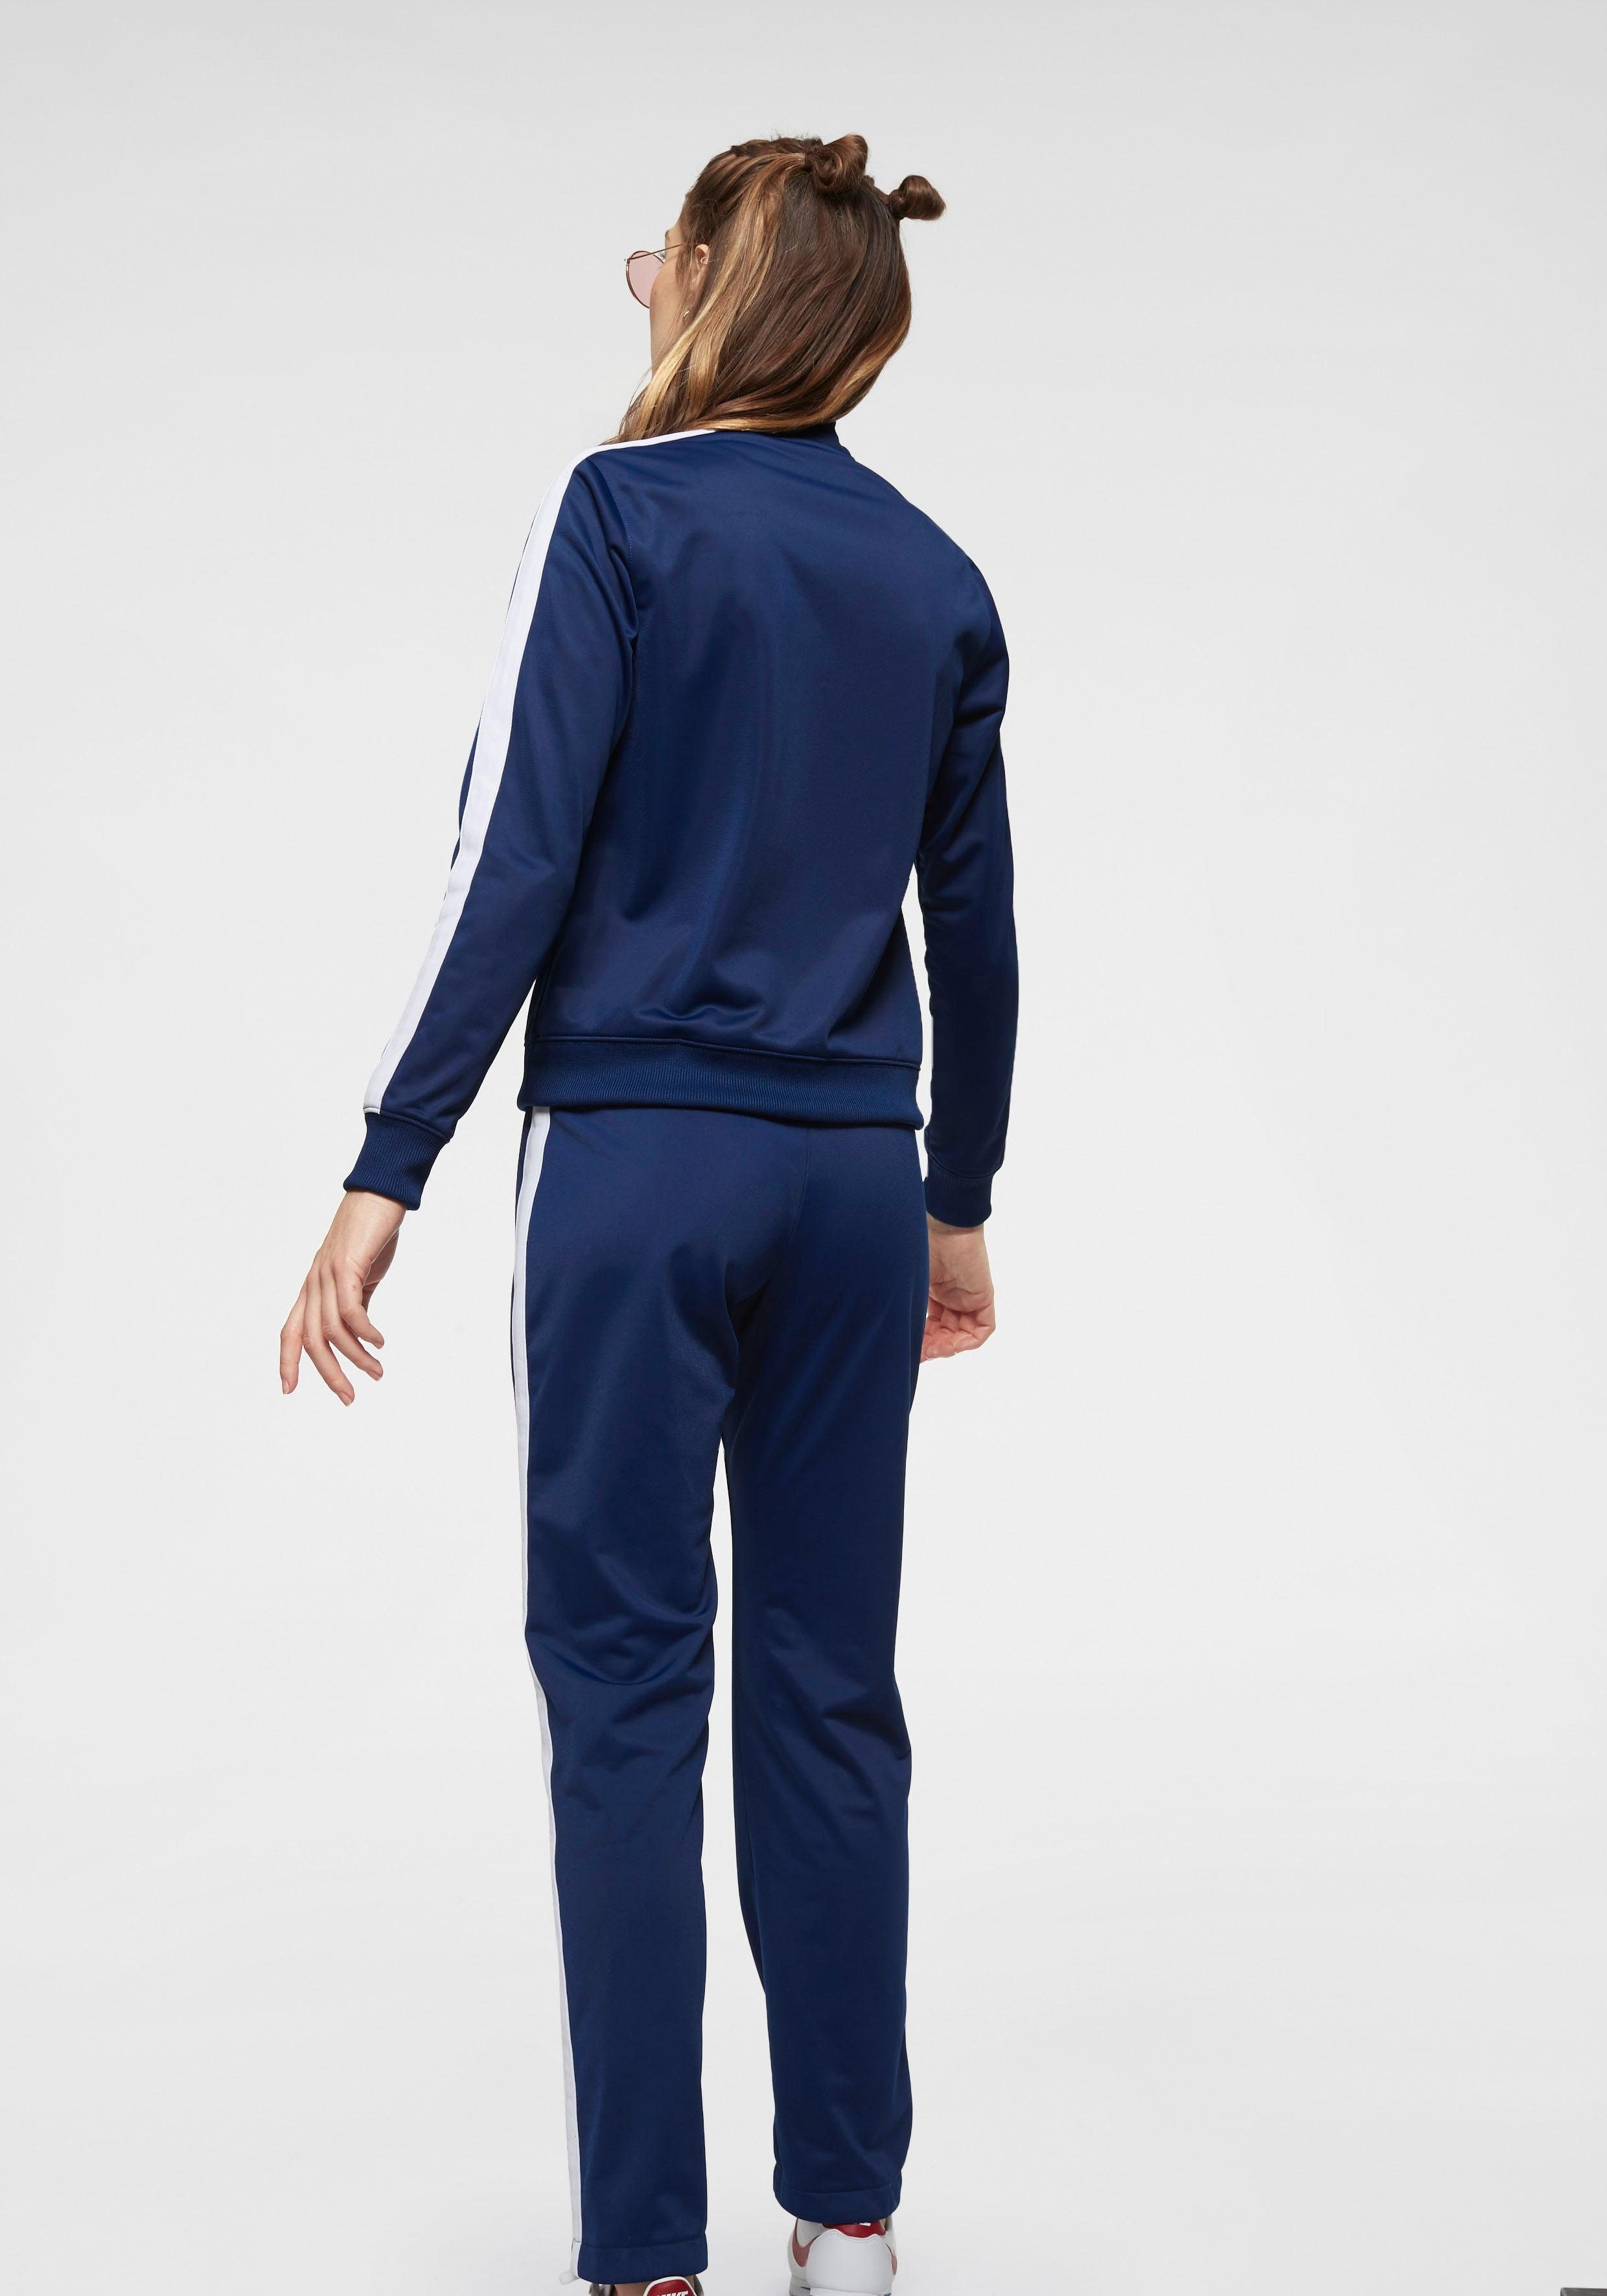 2019) IM SALE Sportbekleidung online | Jetzt bis zu 60